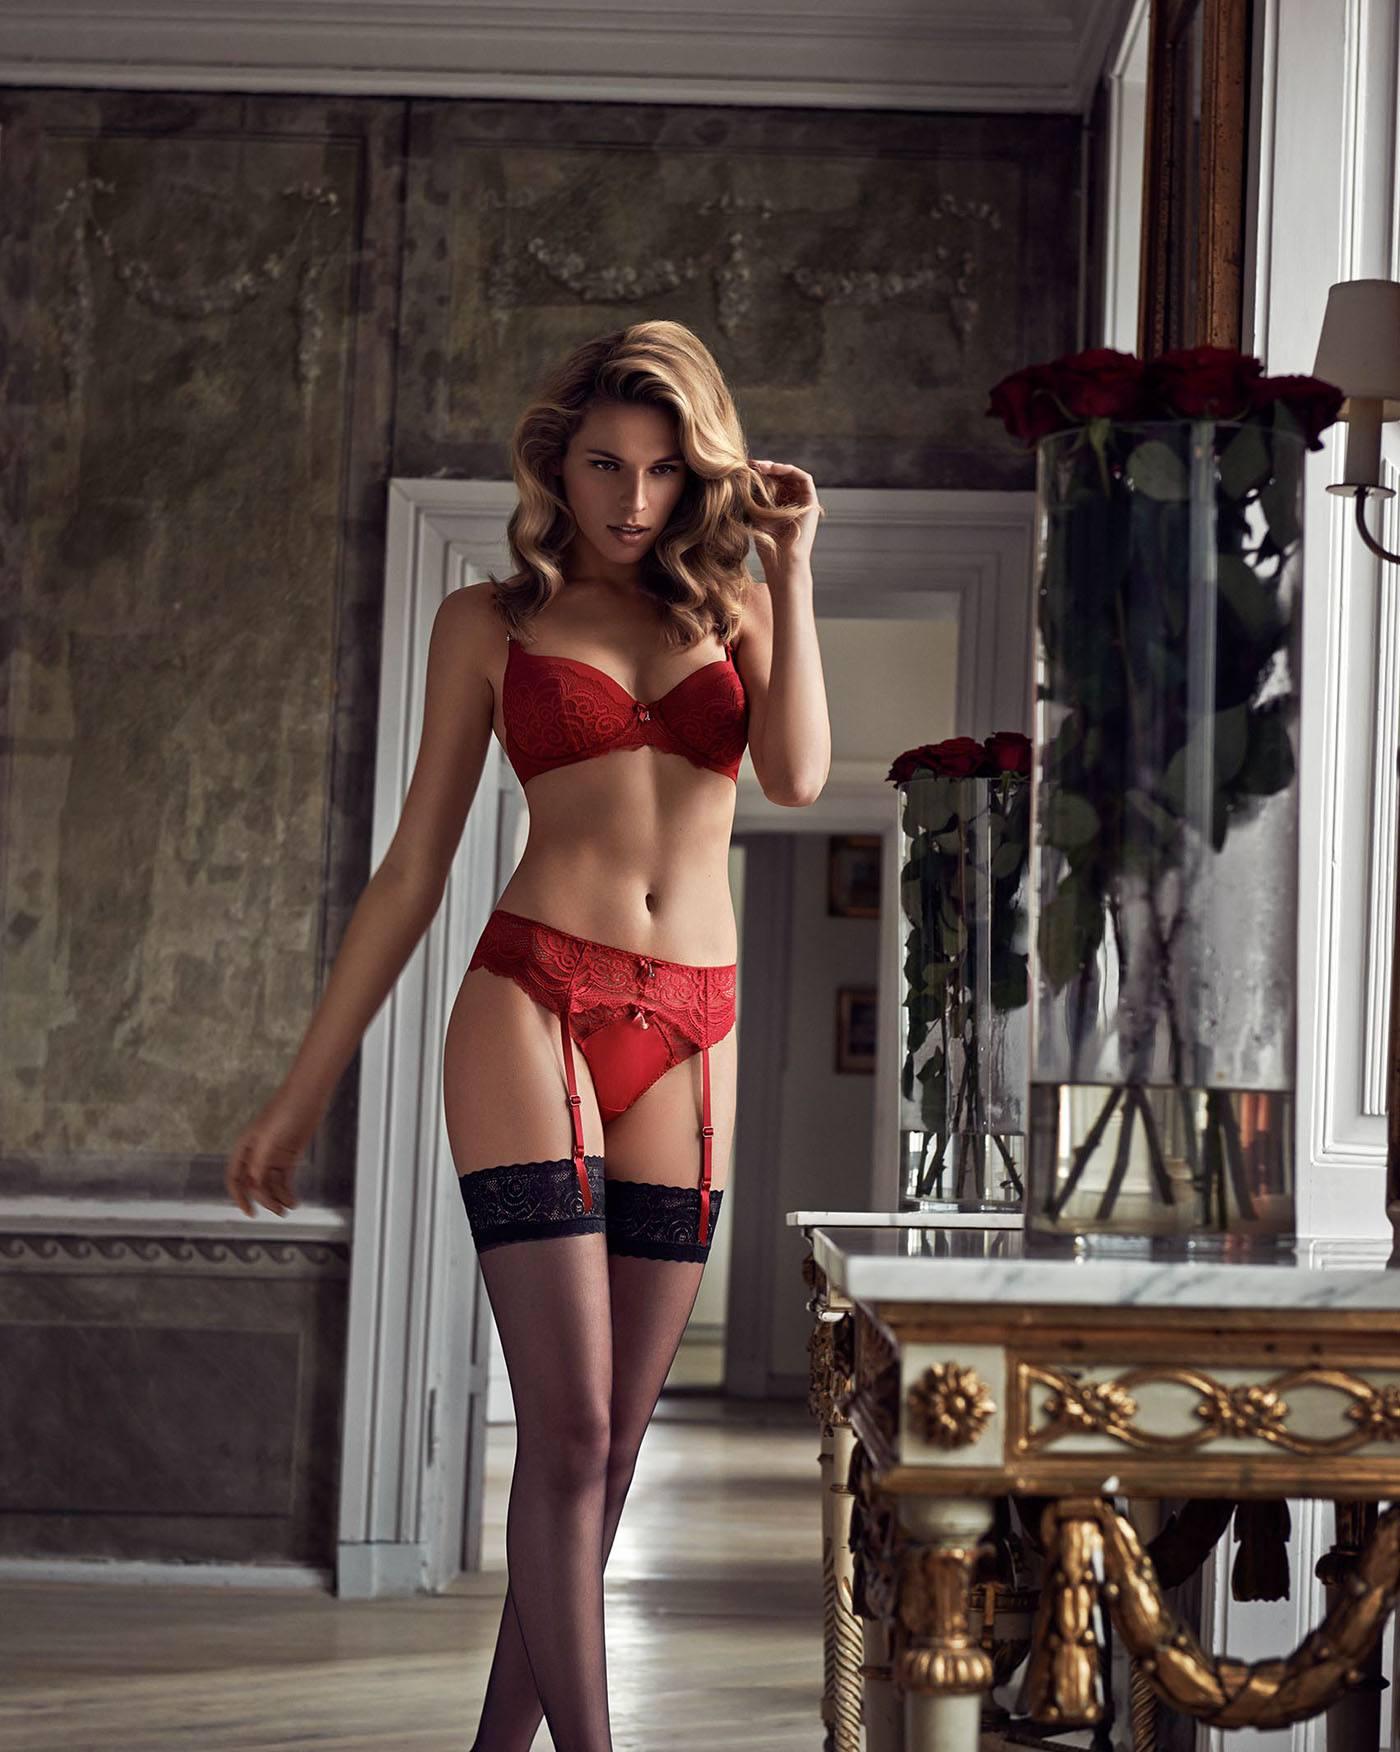 Женское красное белье с чулками ямагучи массажеры yoki